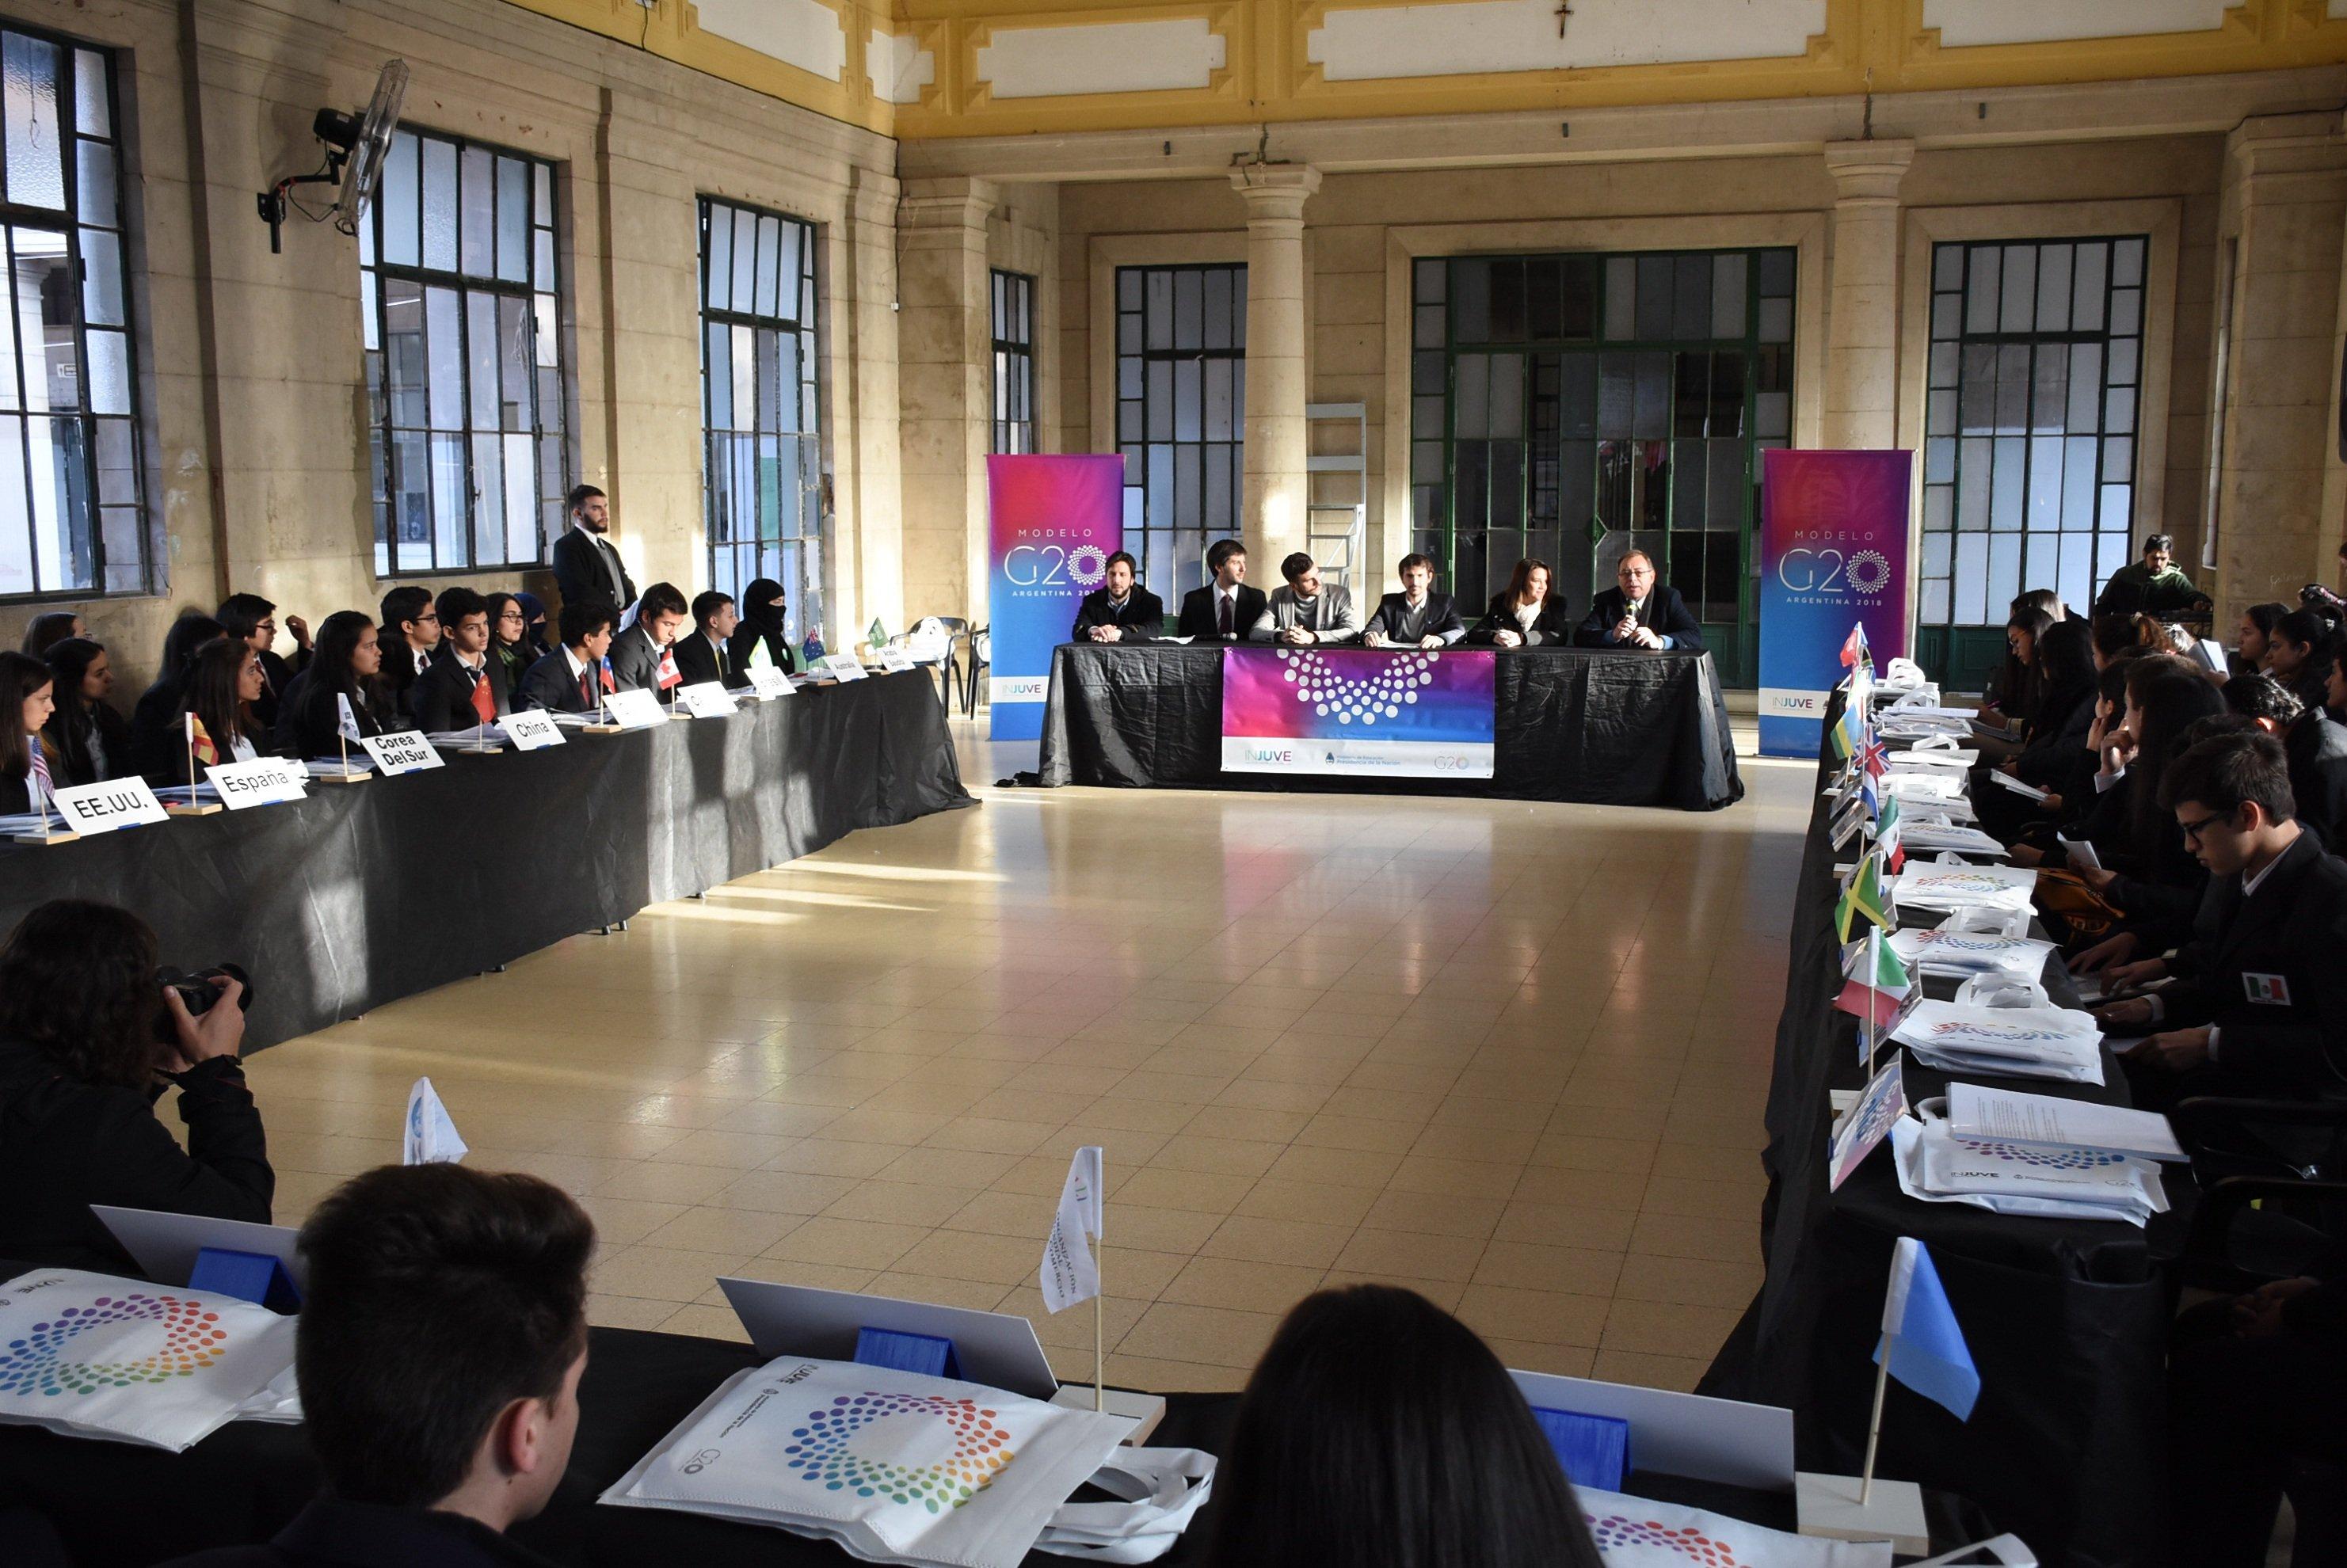 Tassano participó de la presentación del Modelo G-20 en el colegio Nacional